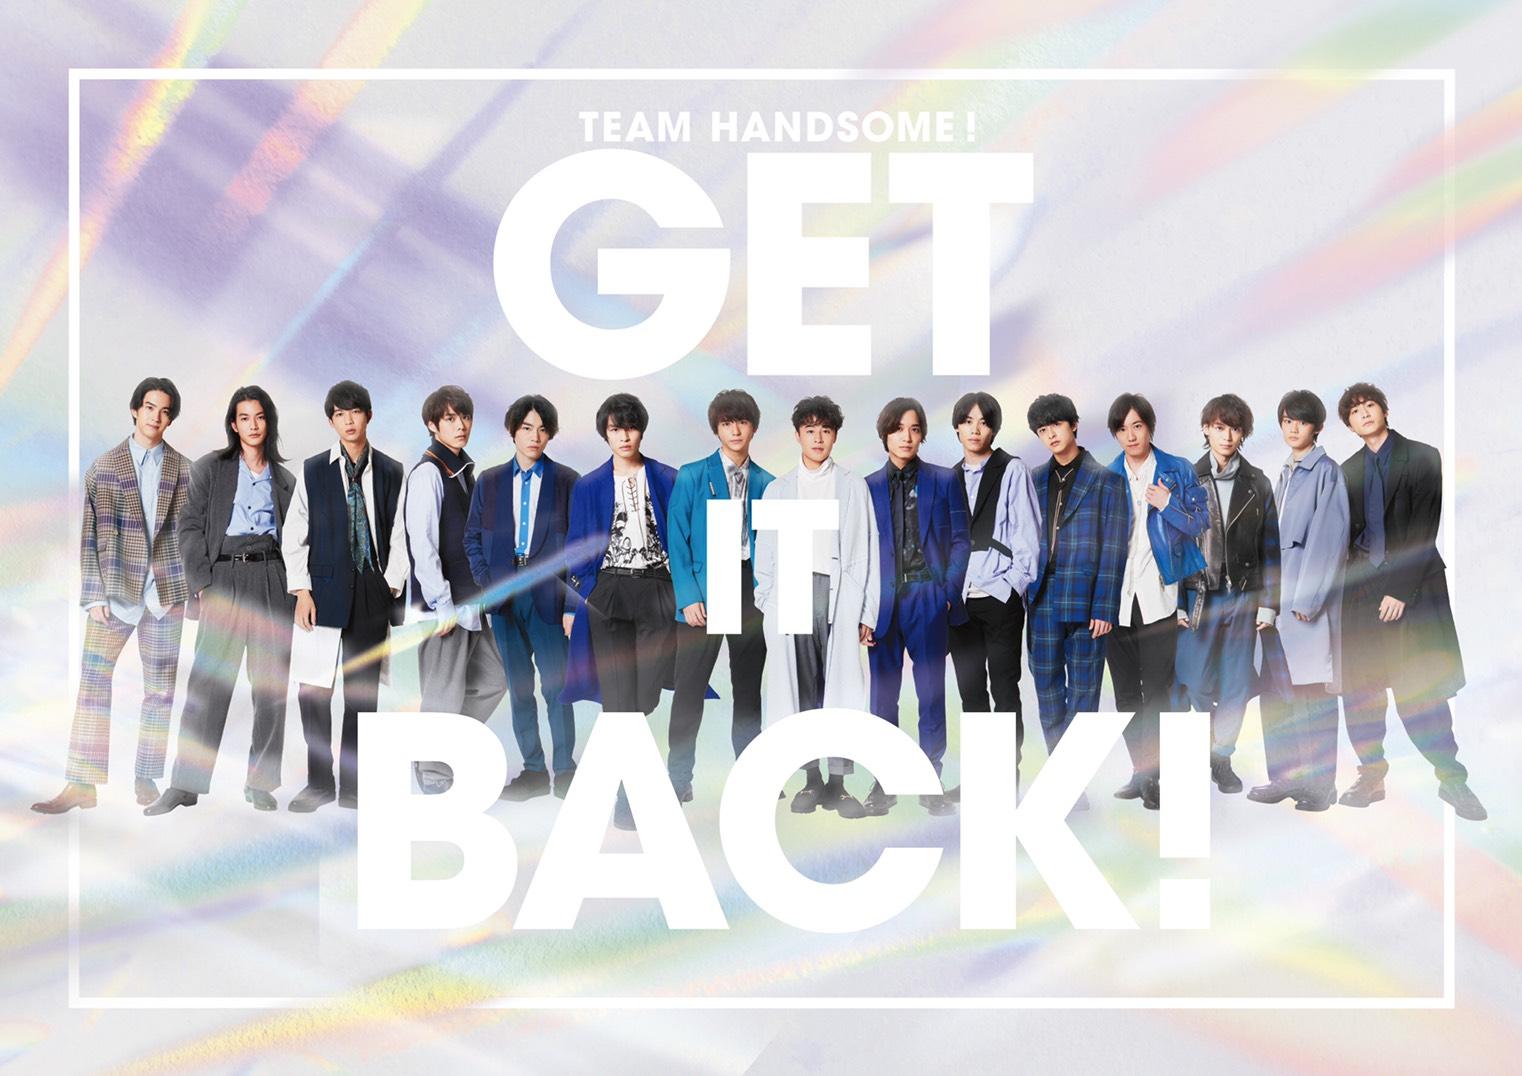 チーム・ハンサム!、NEWアルバムSUPER HANDSOME COLLECTION「GET IT BACK!」発売日決定&詳細解禁